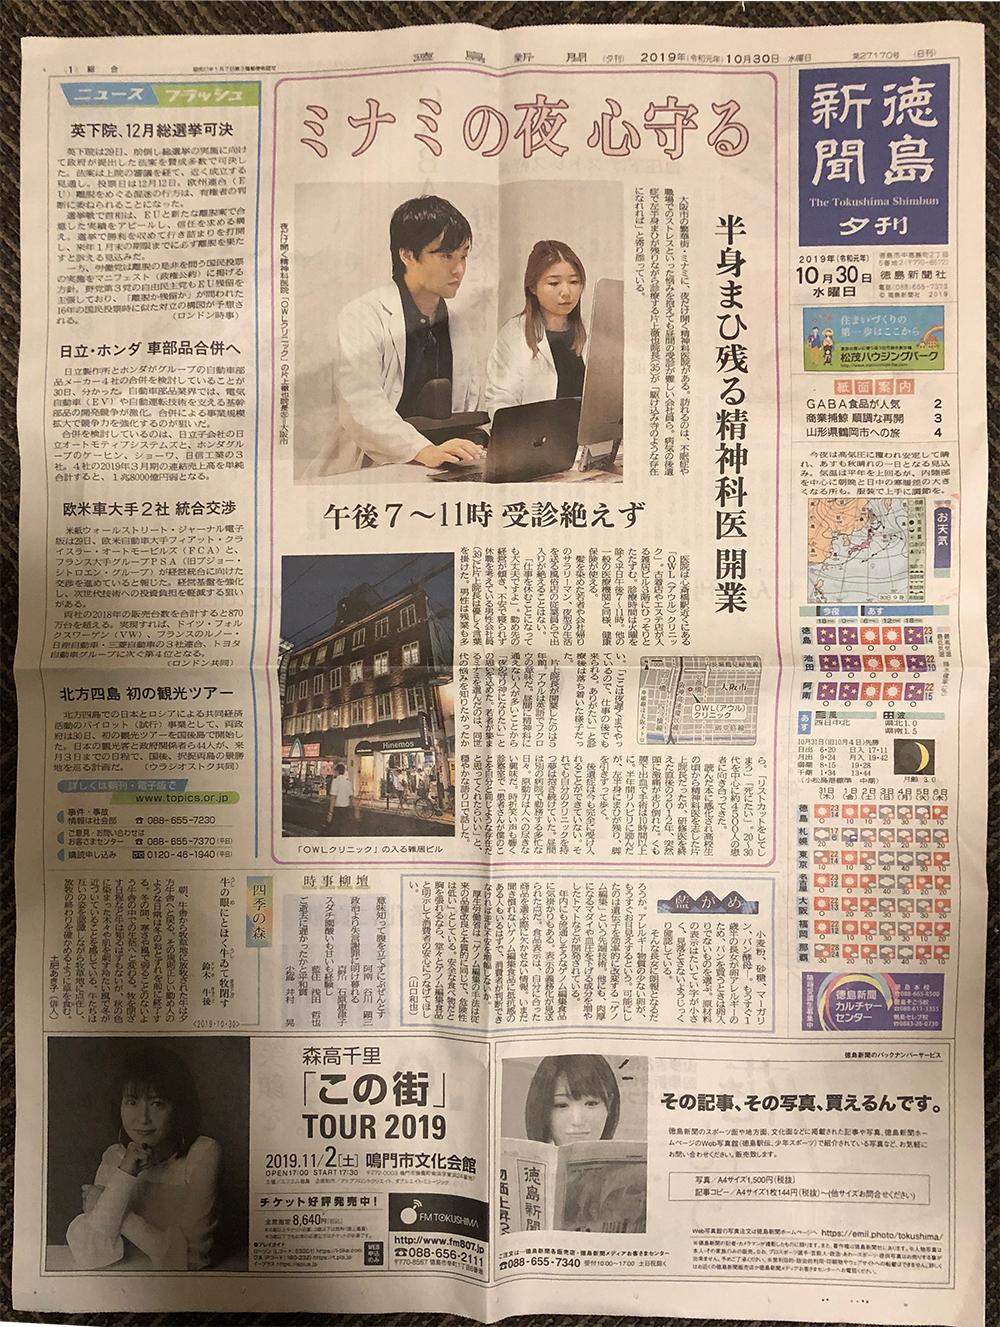 掲載媒体:徳島新聞 夕刊 記事名:ミナミの夜 心守る